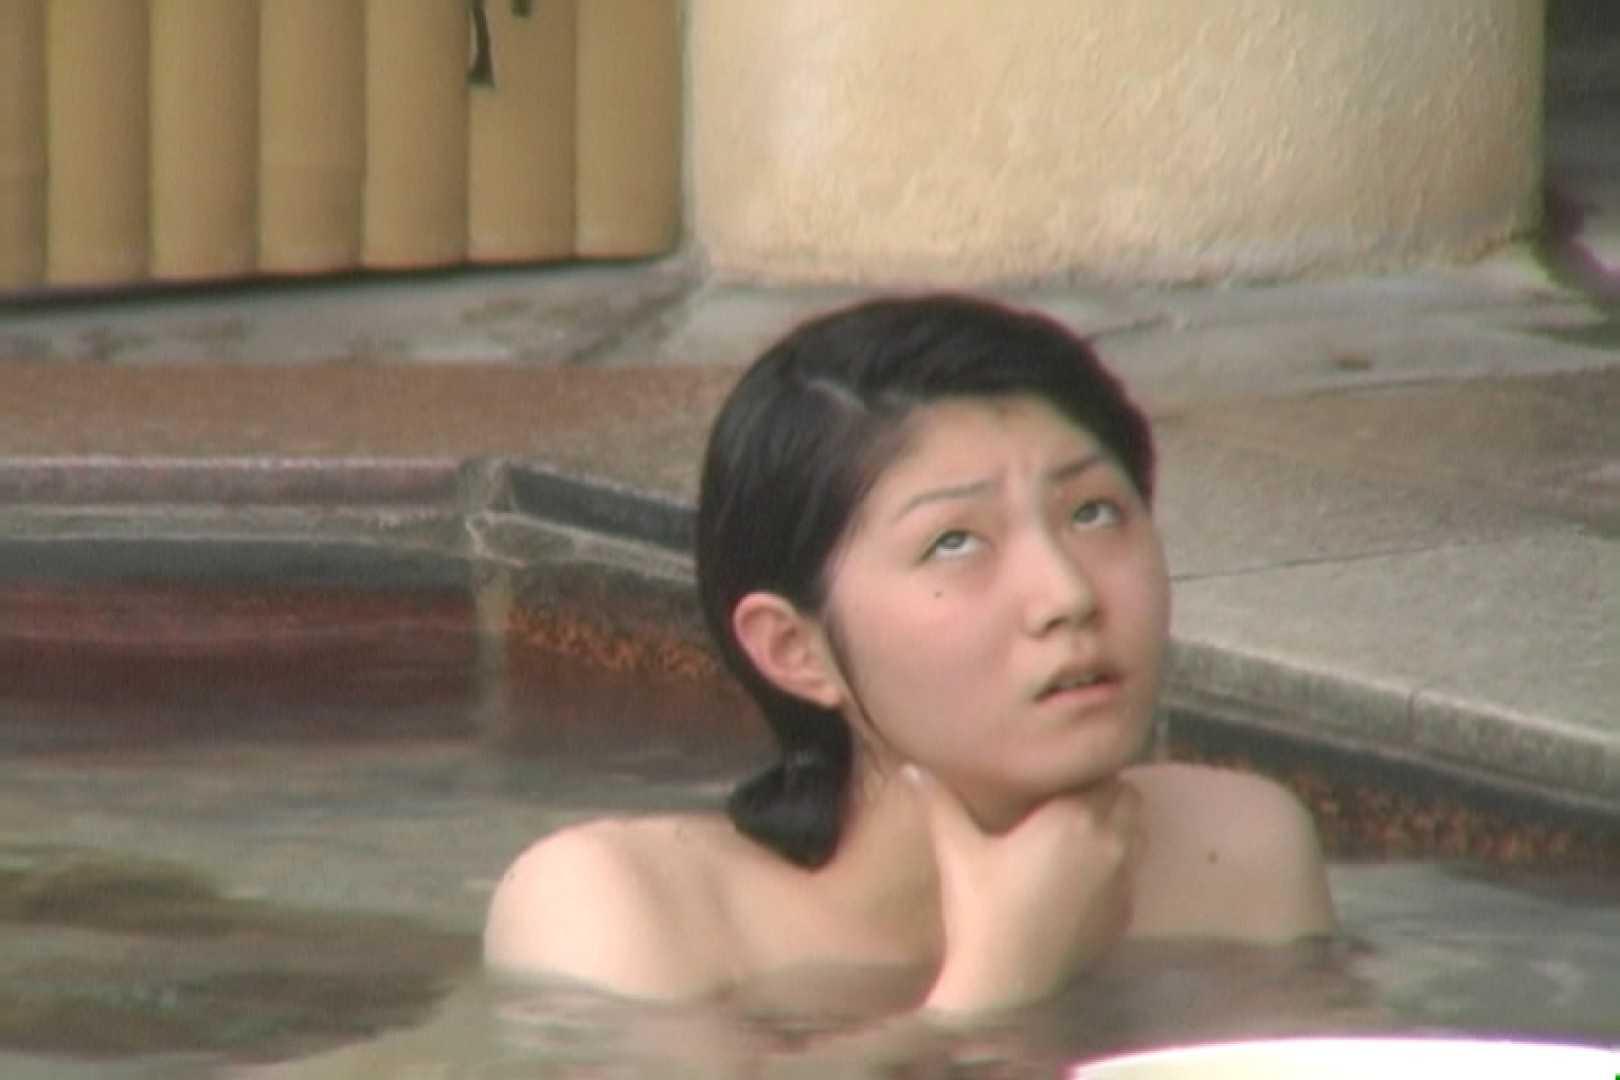 Aquaな露天風呂Vol.579 女体盗撮 隠し撮りオマンコ動画紹介 72連発 35